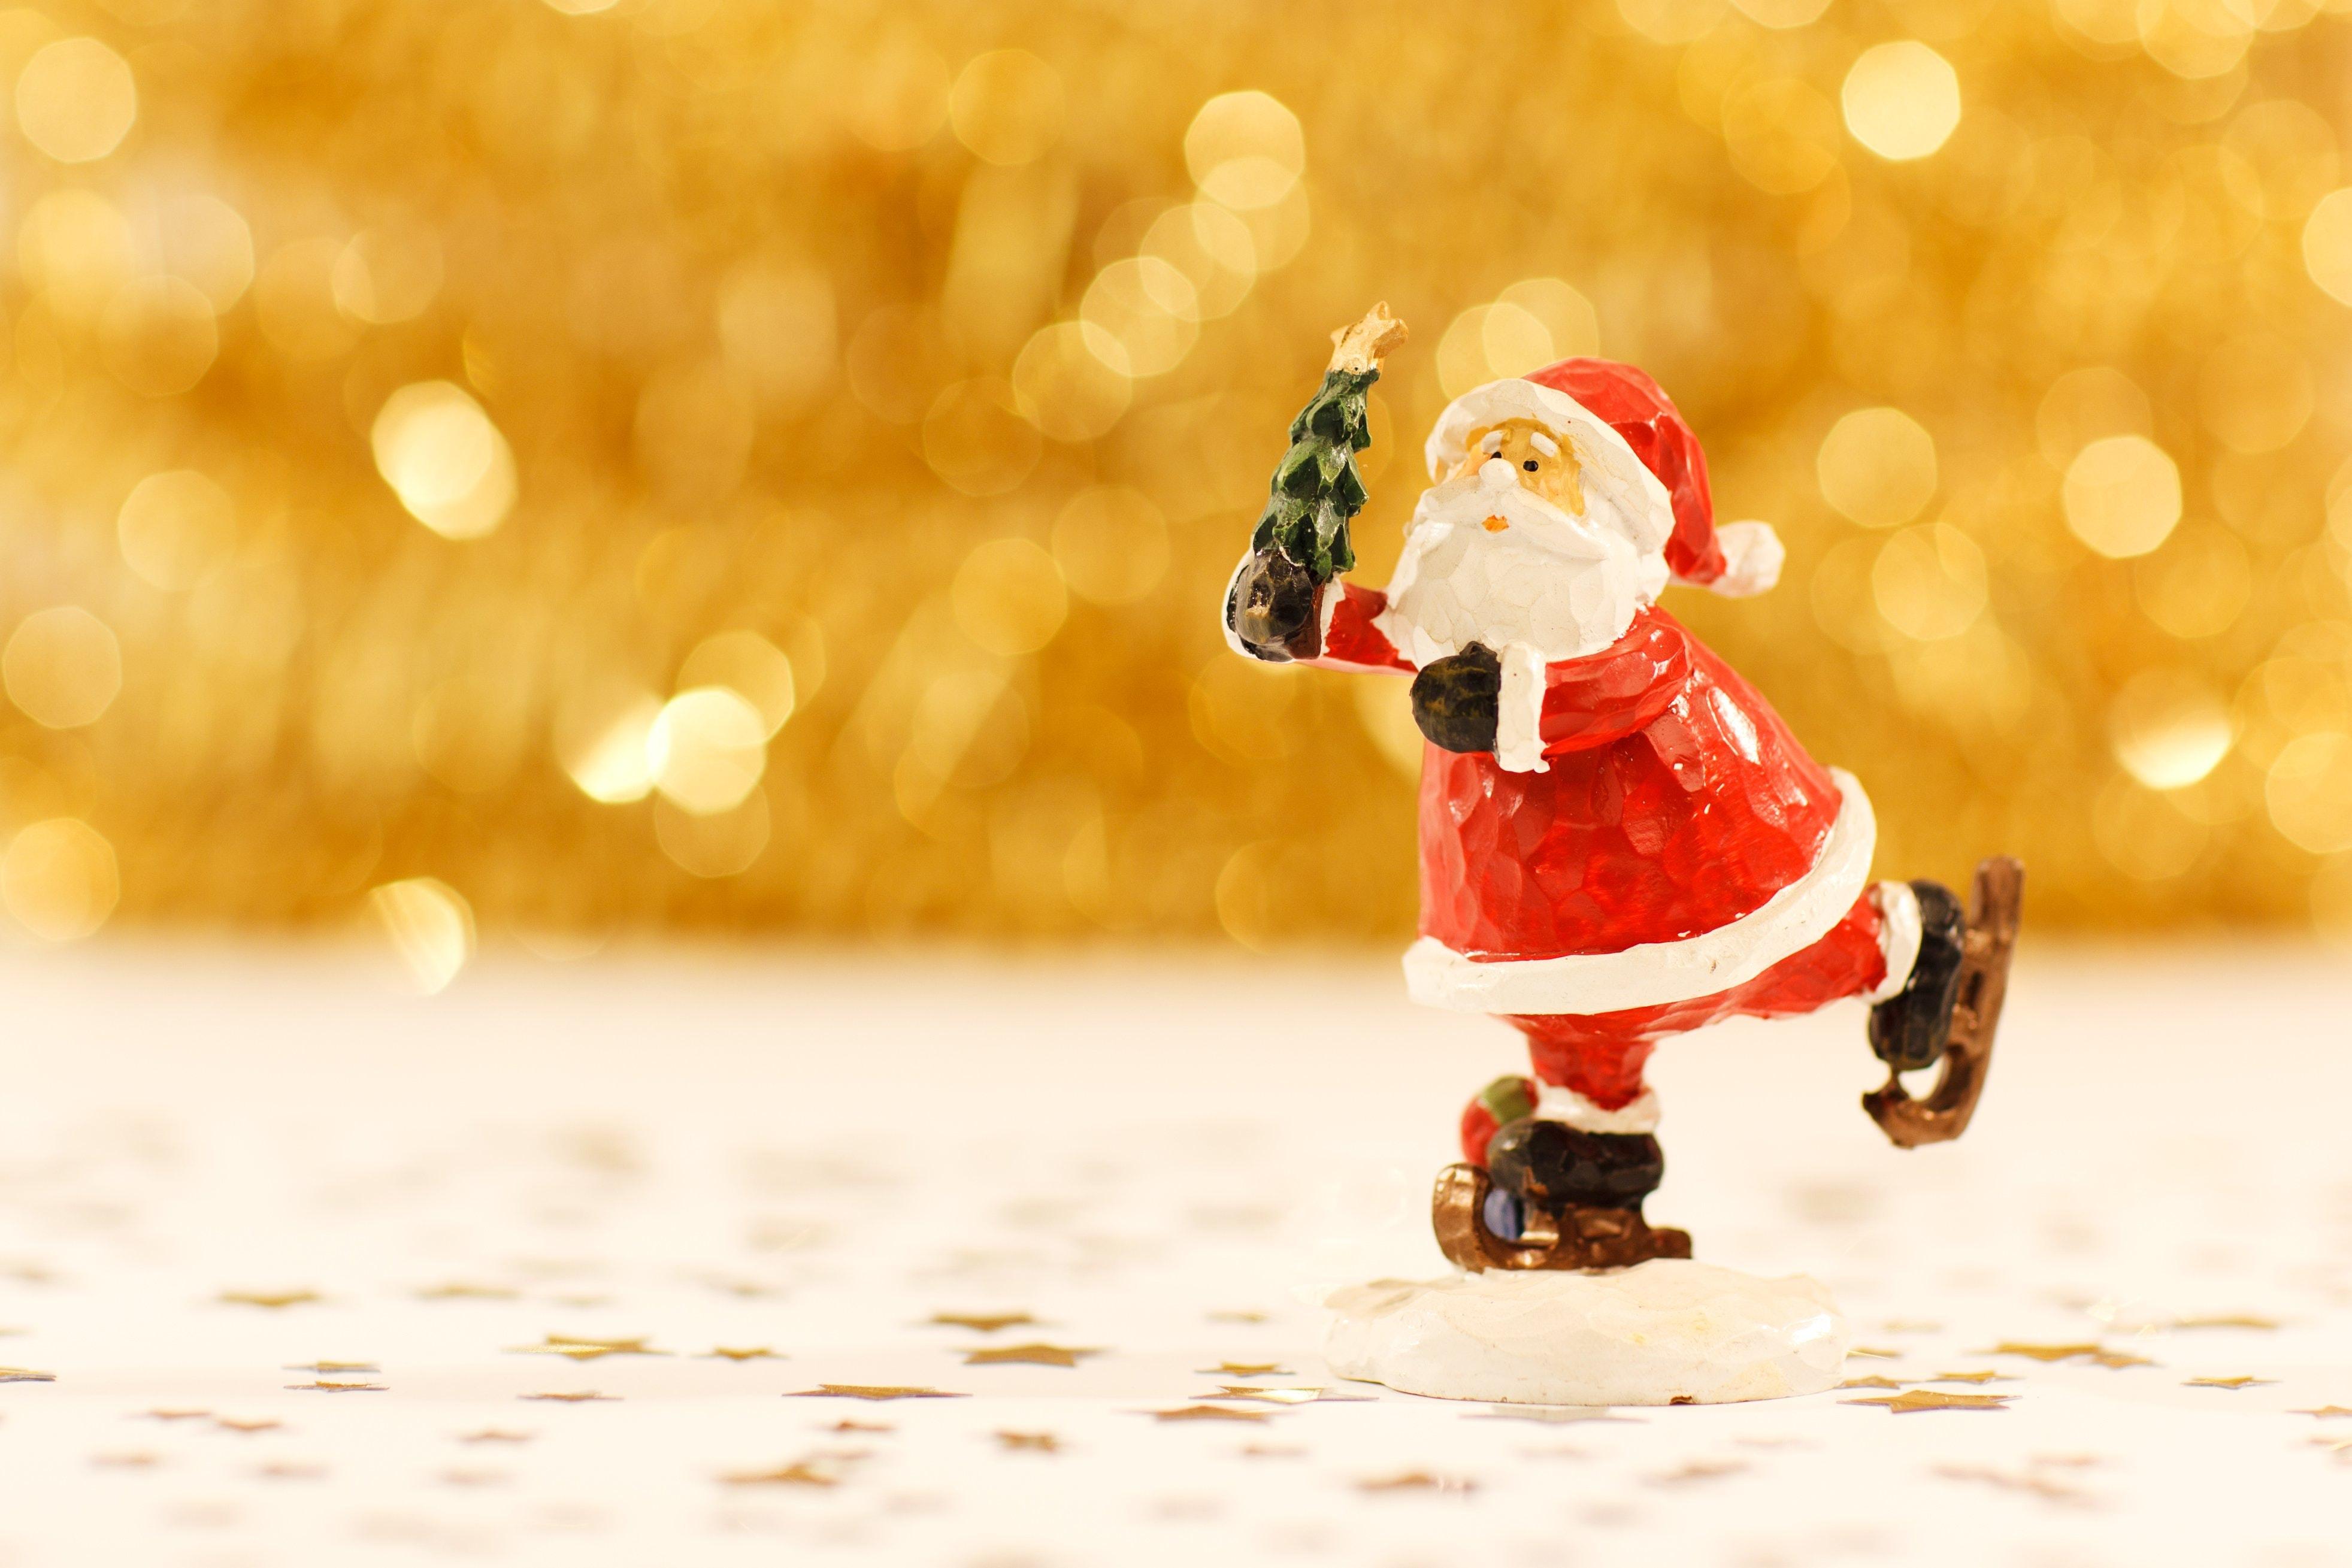 【ワン!クリスマス・イブ】最悪で最高のクリスマスストーリー【映画】